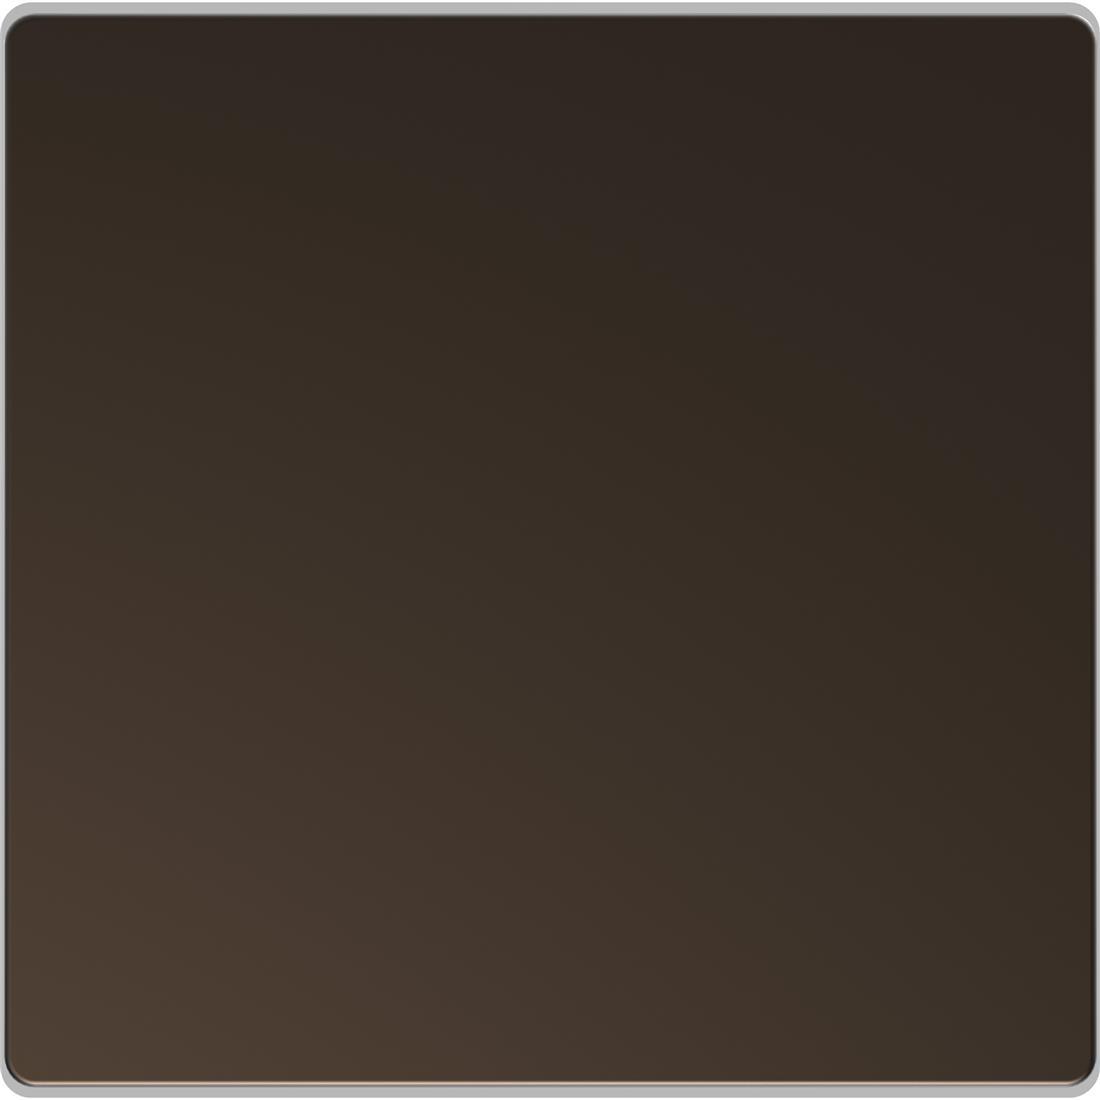 Schneider-Merten D Life schakelwip voor wisselschakelaar - mocca metallic (MTN3300-6052)